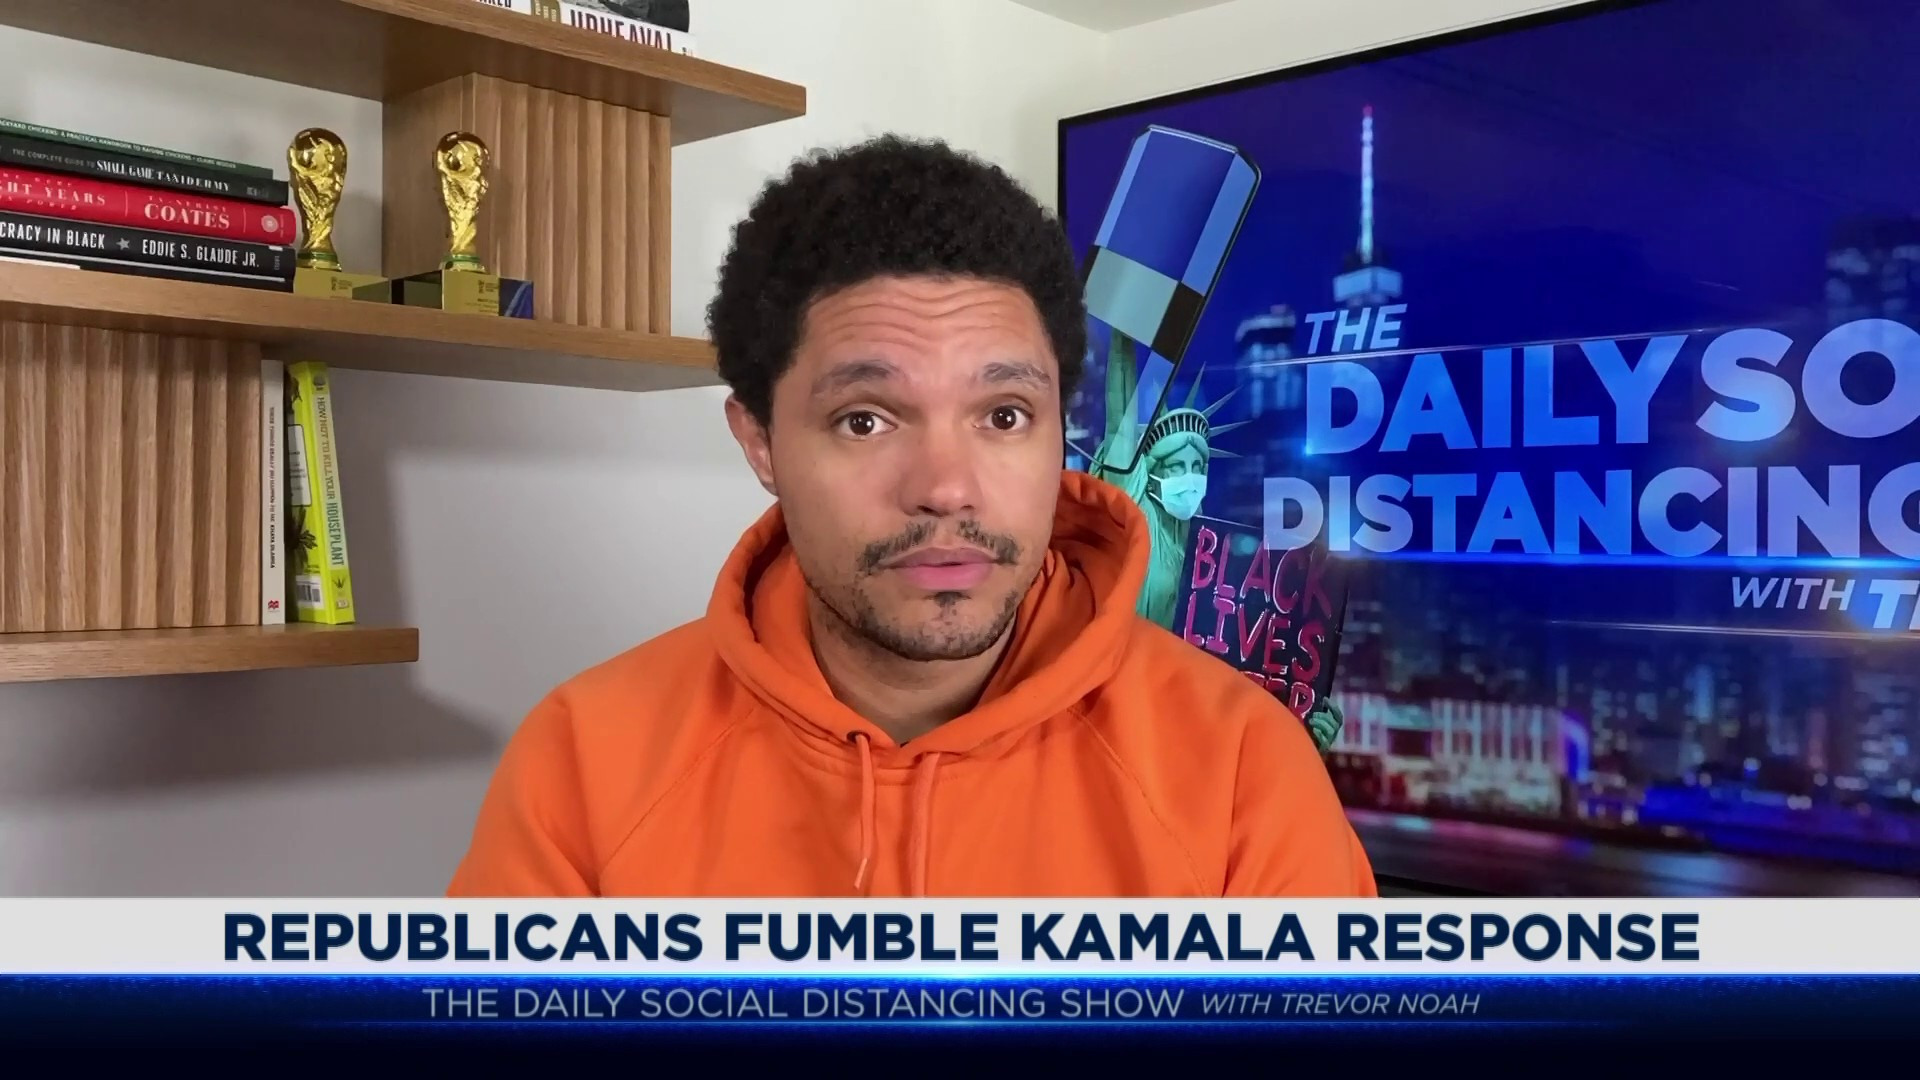 August 12, 2020 - W. Kamau Bell